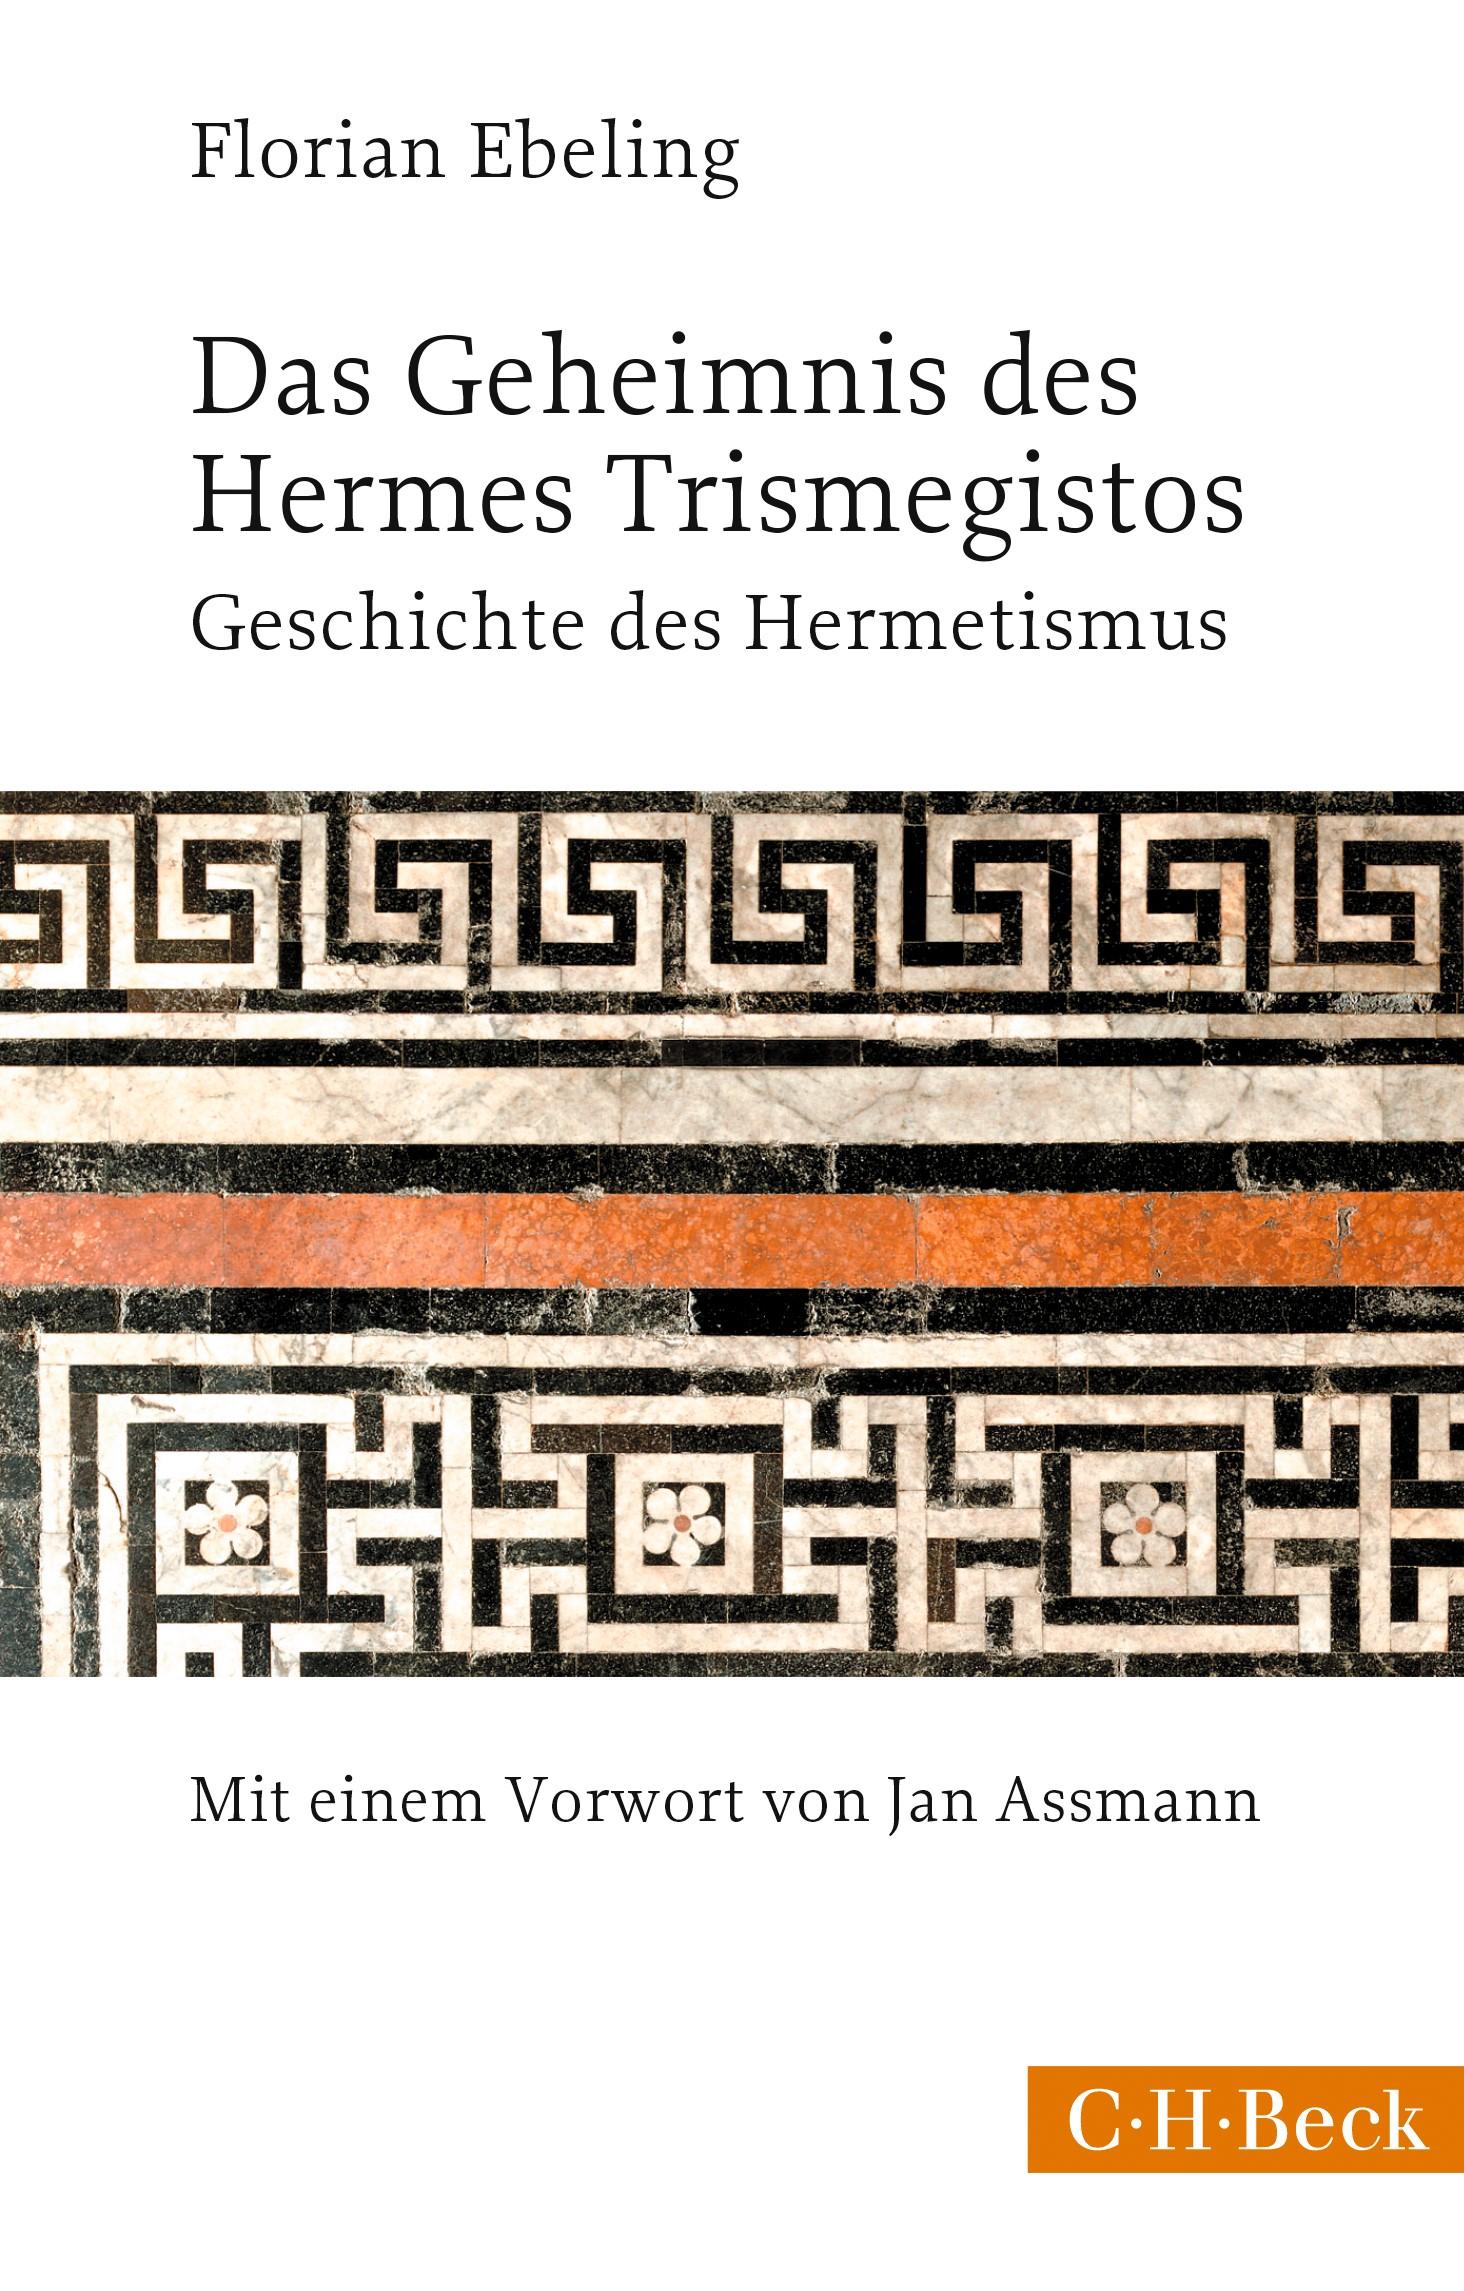 Das Geheimnis des Hermes Trismegistos   Ebeling, Florian   3., durchgesehene Auflage, 2018   Buch (Cover)